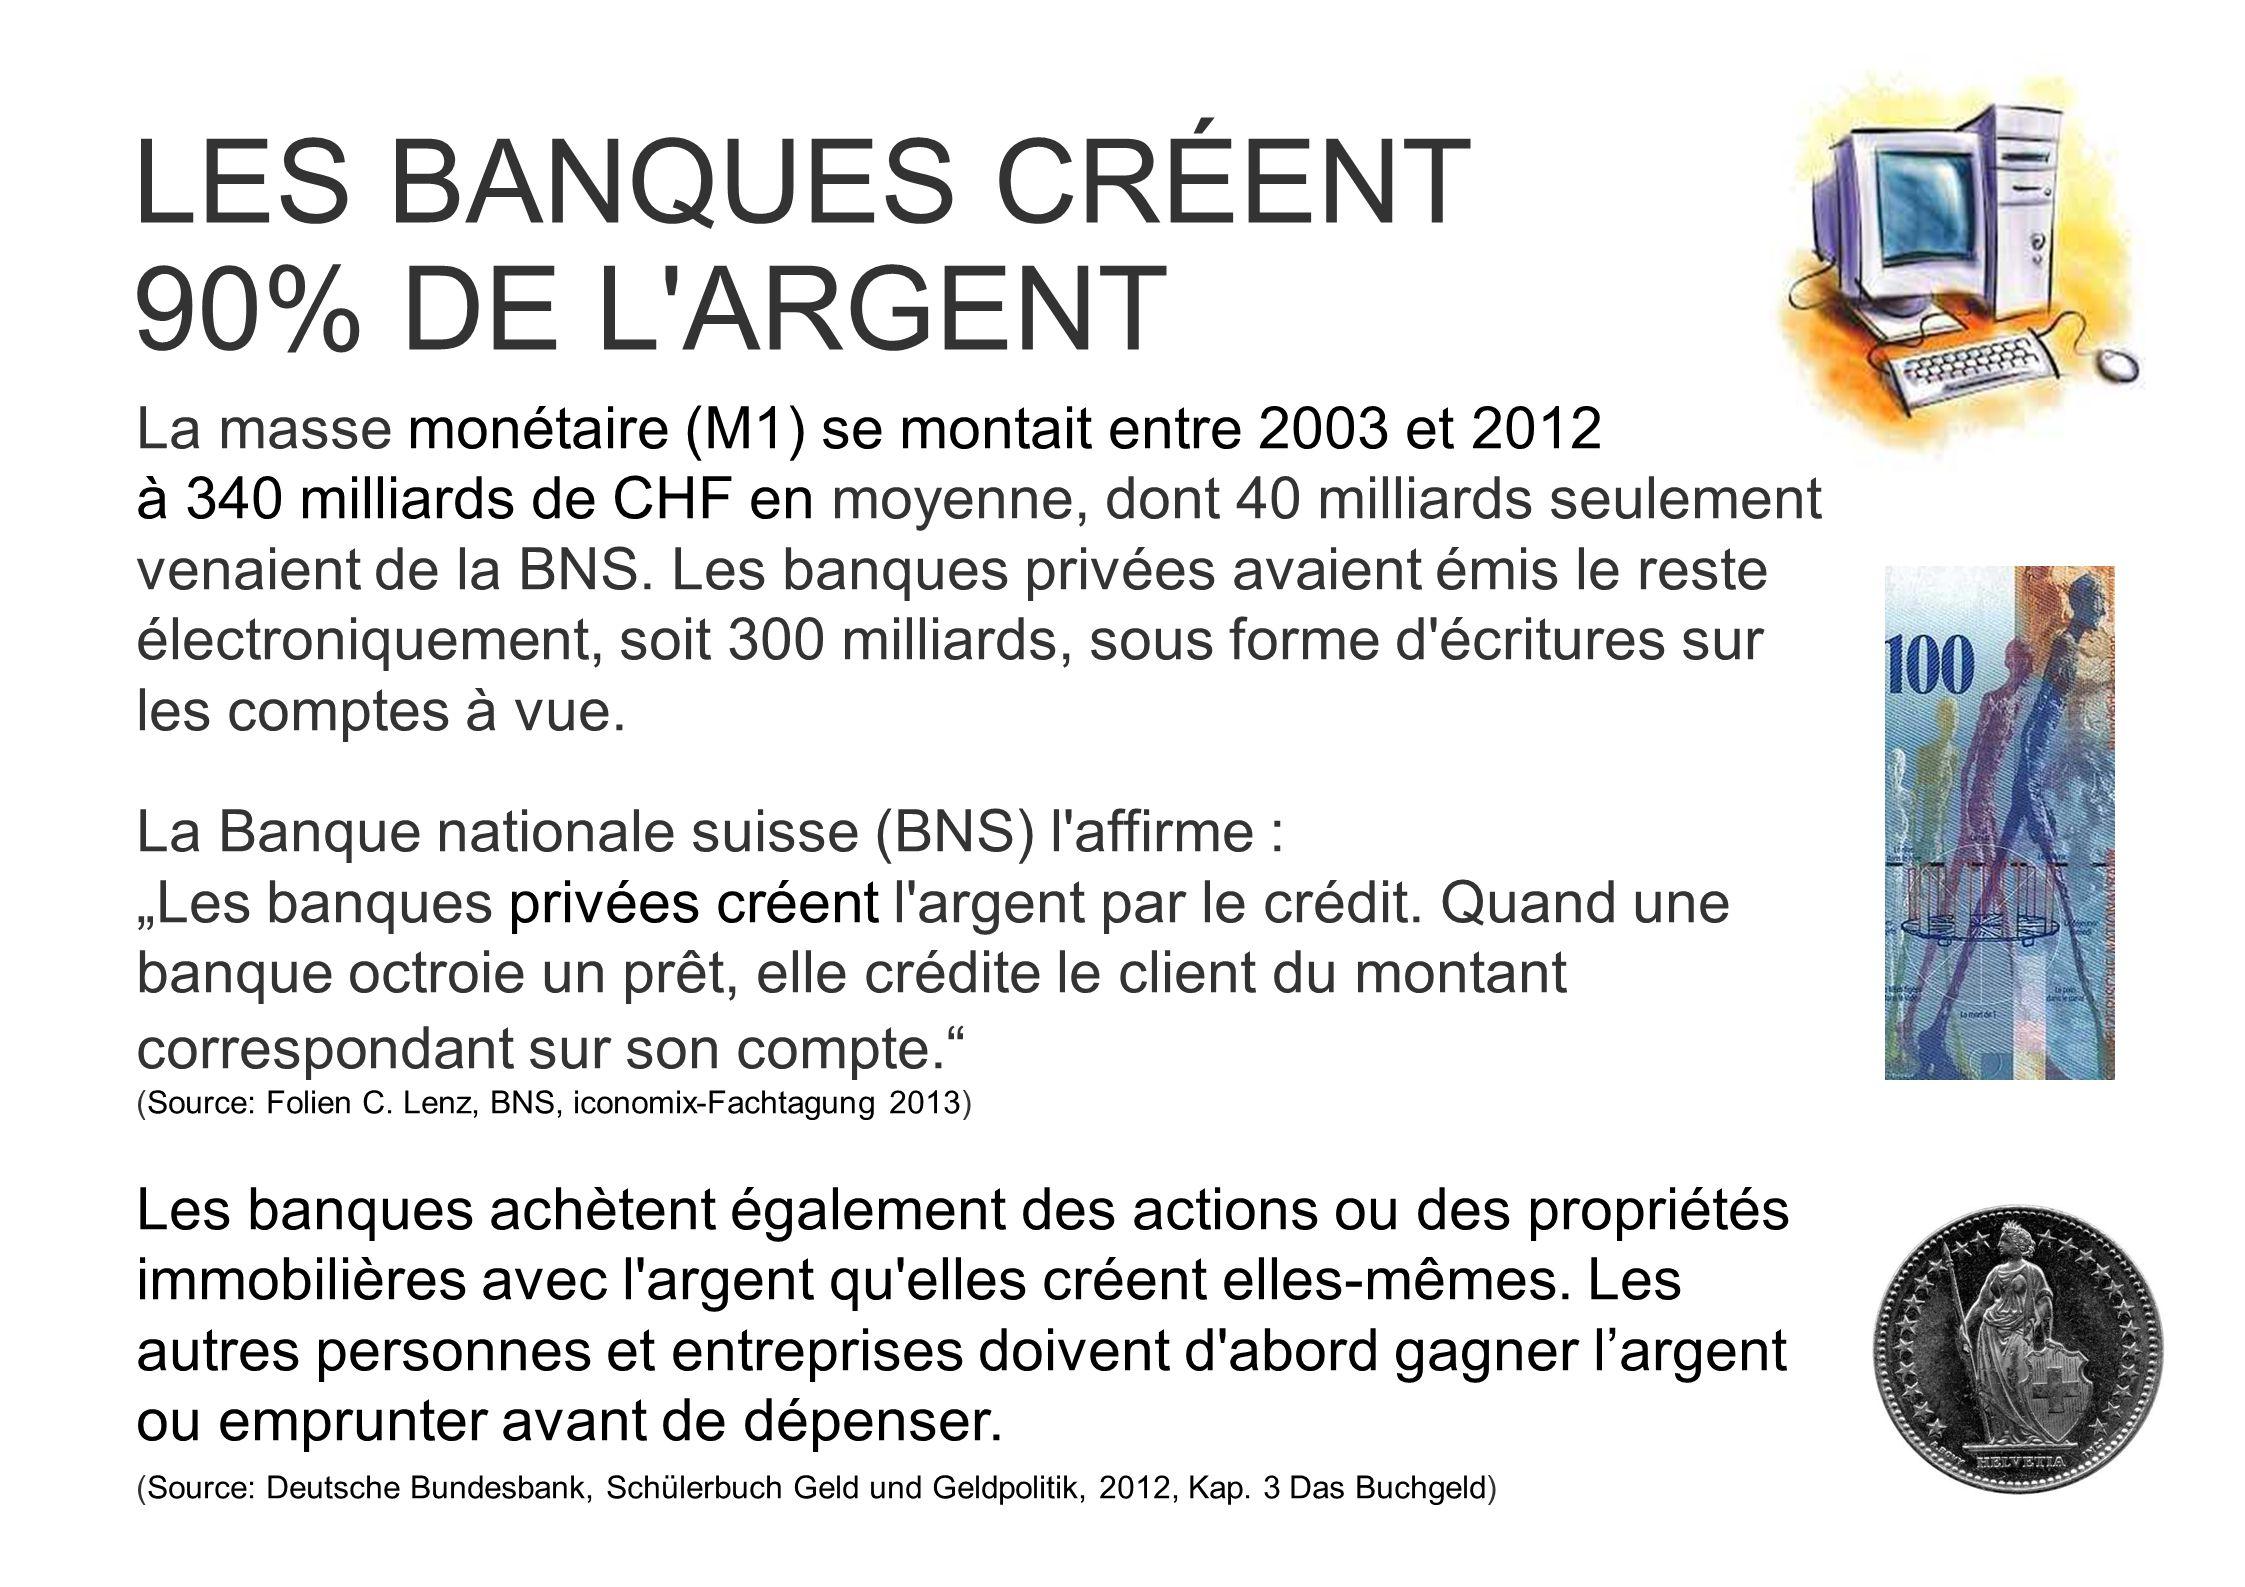 LES BANQUES CRÉENT 90% DE L'ARGENT La masse monétaire (M1) se montait entre 2003 et 2012 à 340 milliards de CHF en moyenne, dont 40 milliards seulemen